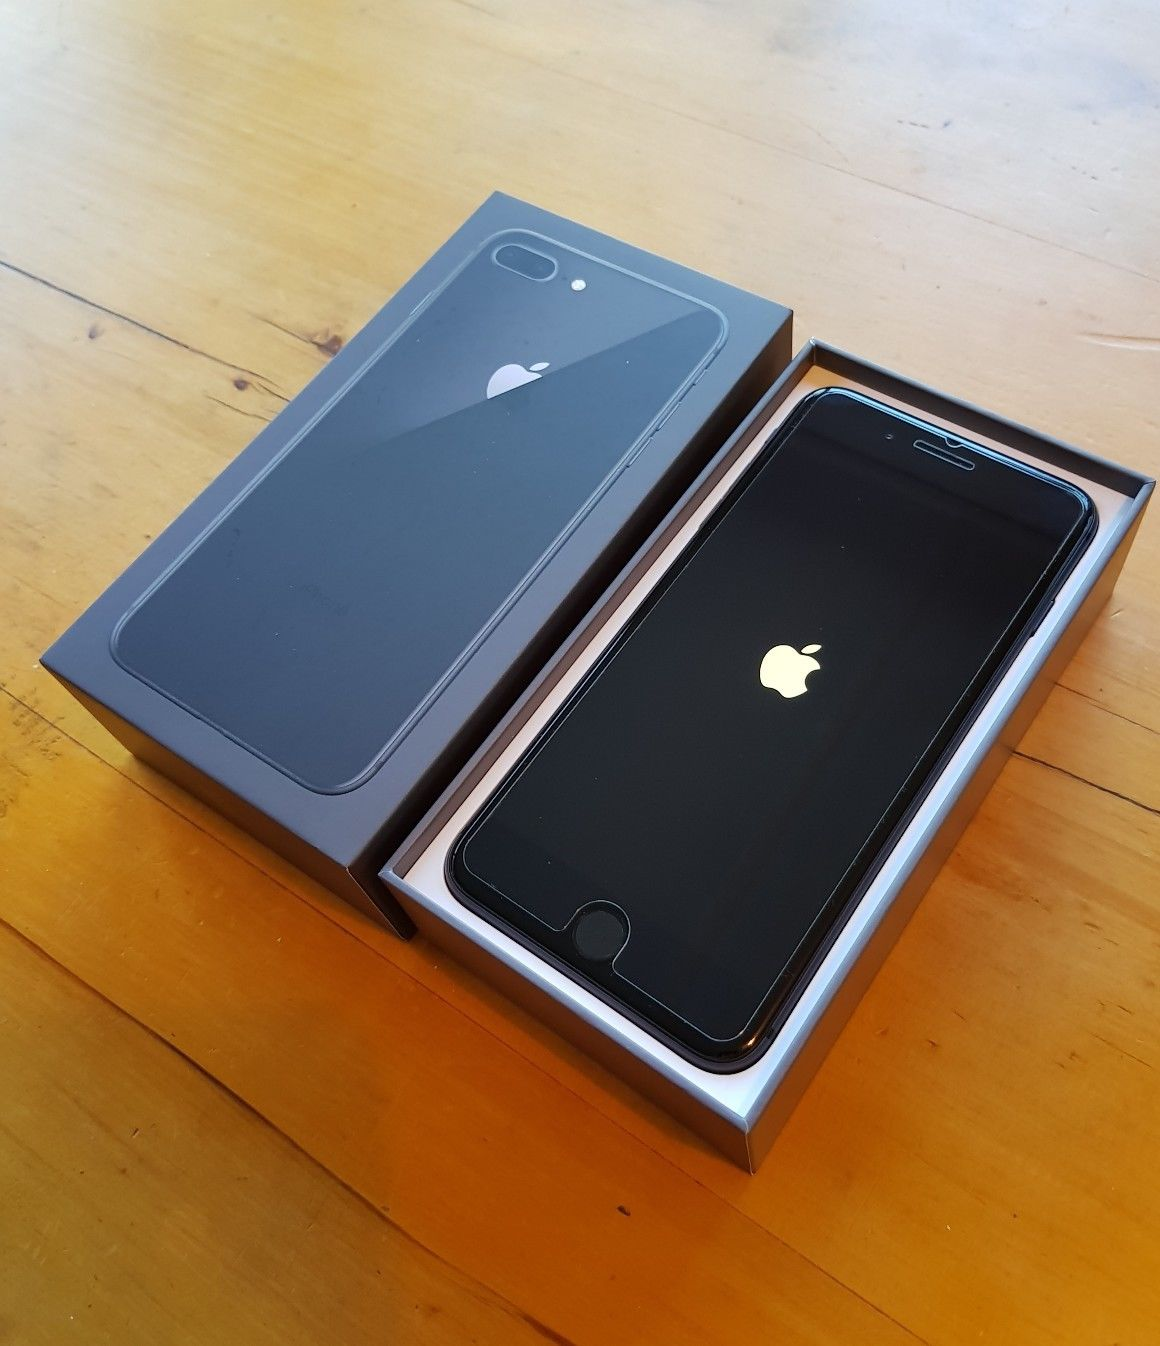 Buy Original : iPhone 8 Plus,S8 Plus,Note 8,iPhone